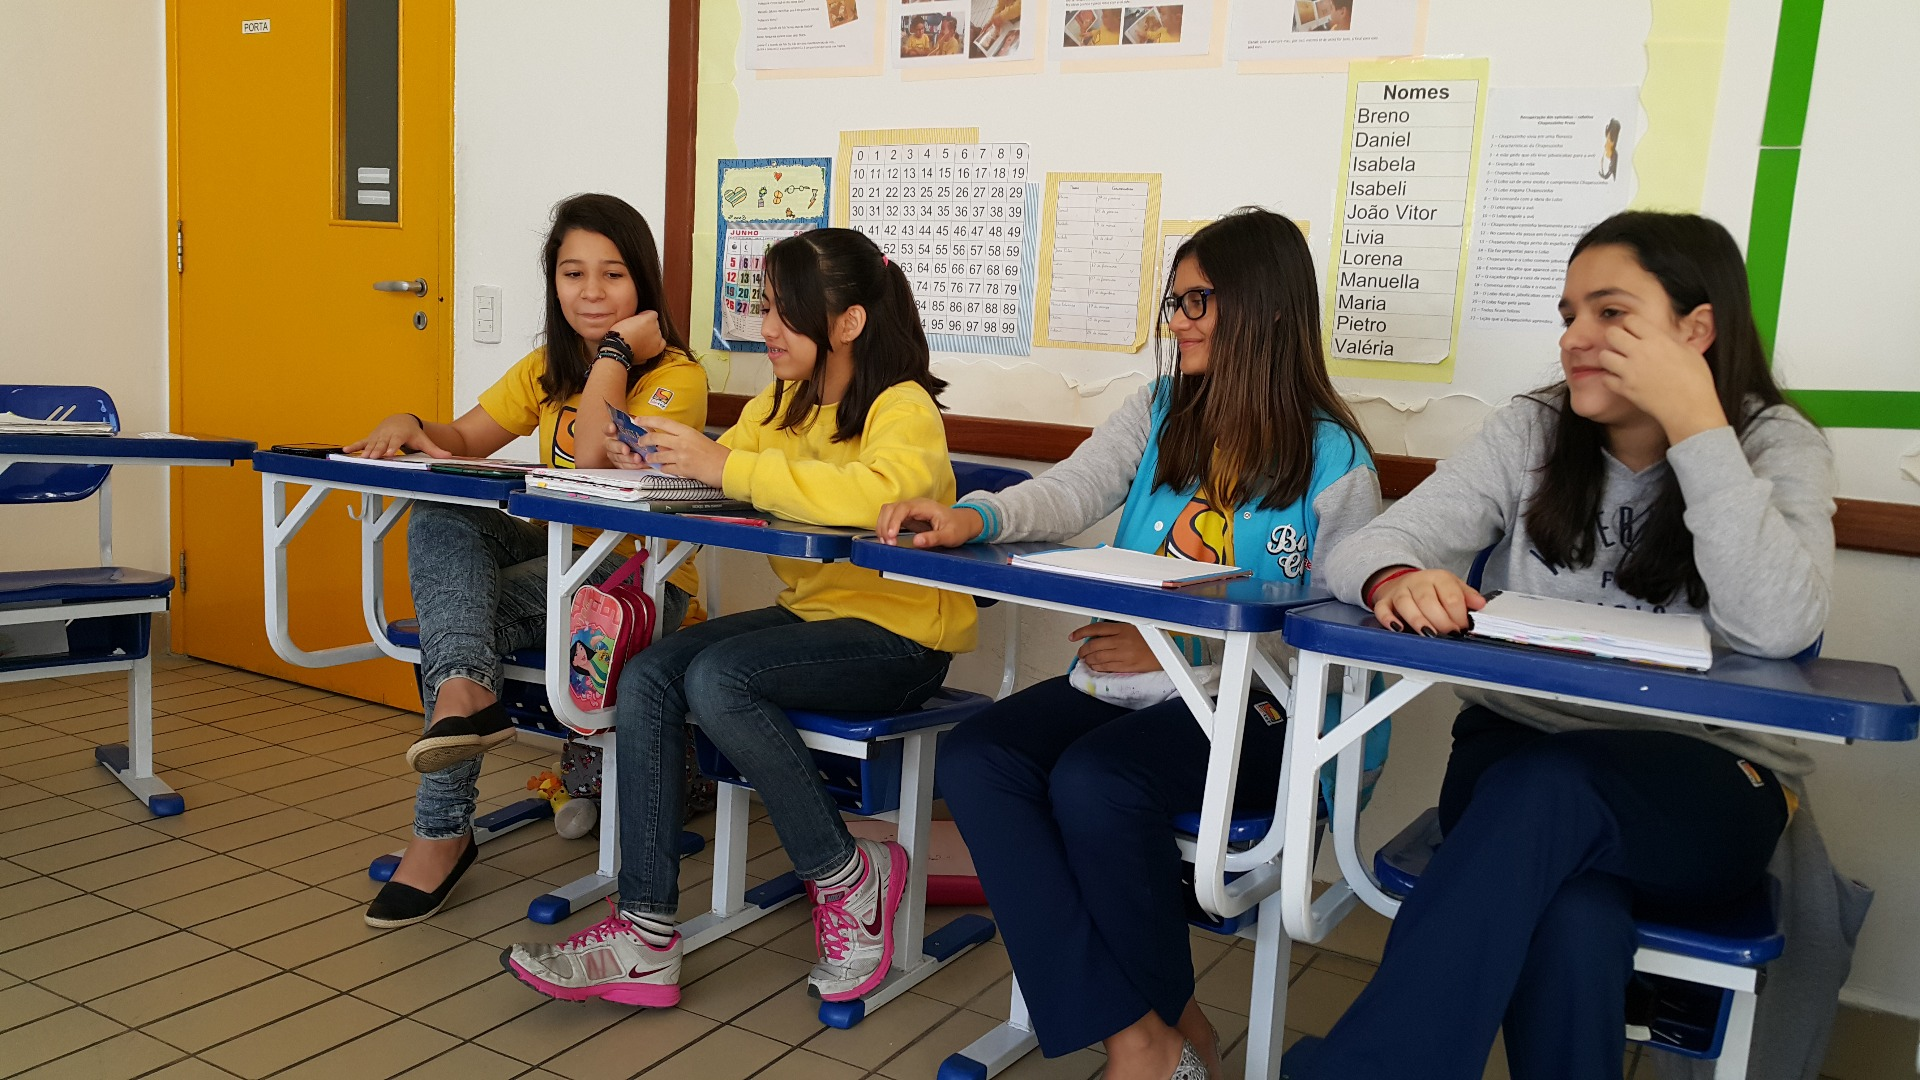 Para encerrar o semestre, os alunos do 7° ano prepararam um momento especial para recepcionar ex-alunos do Colégio Santer.